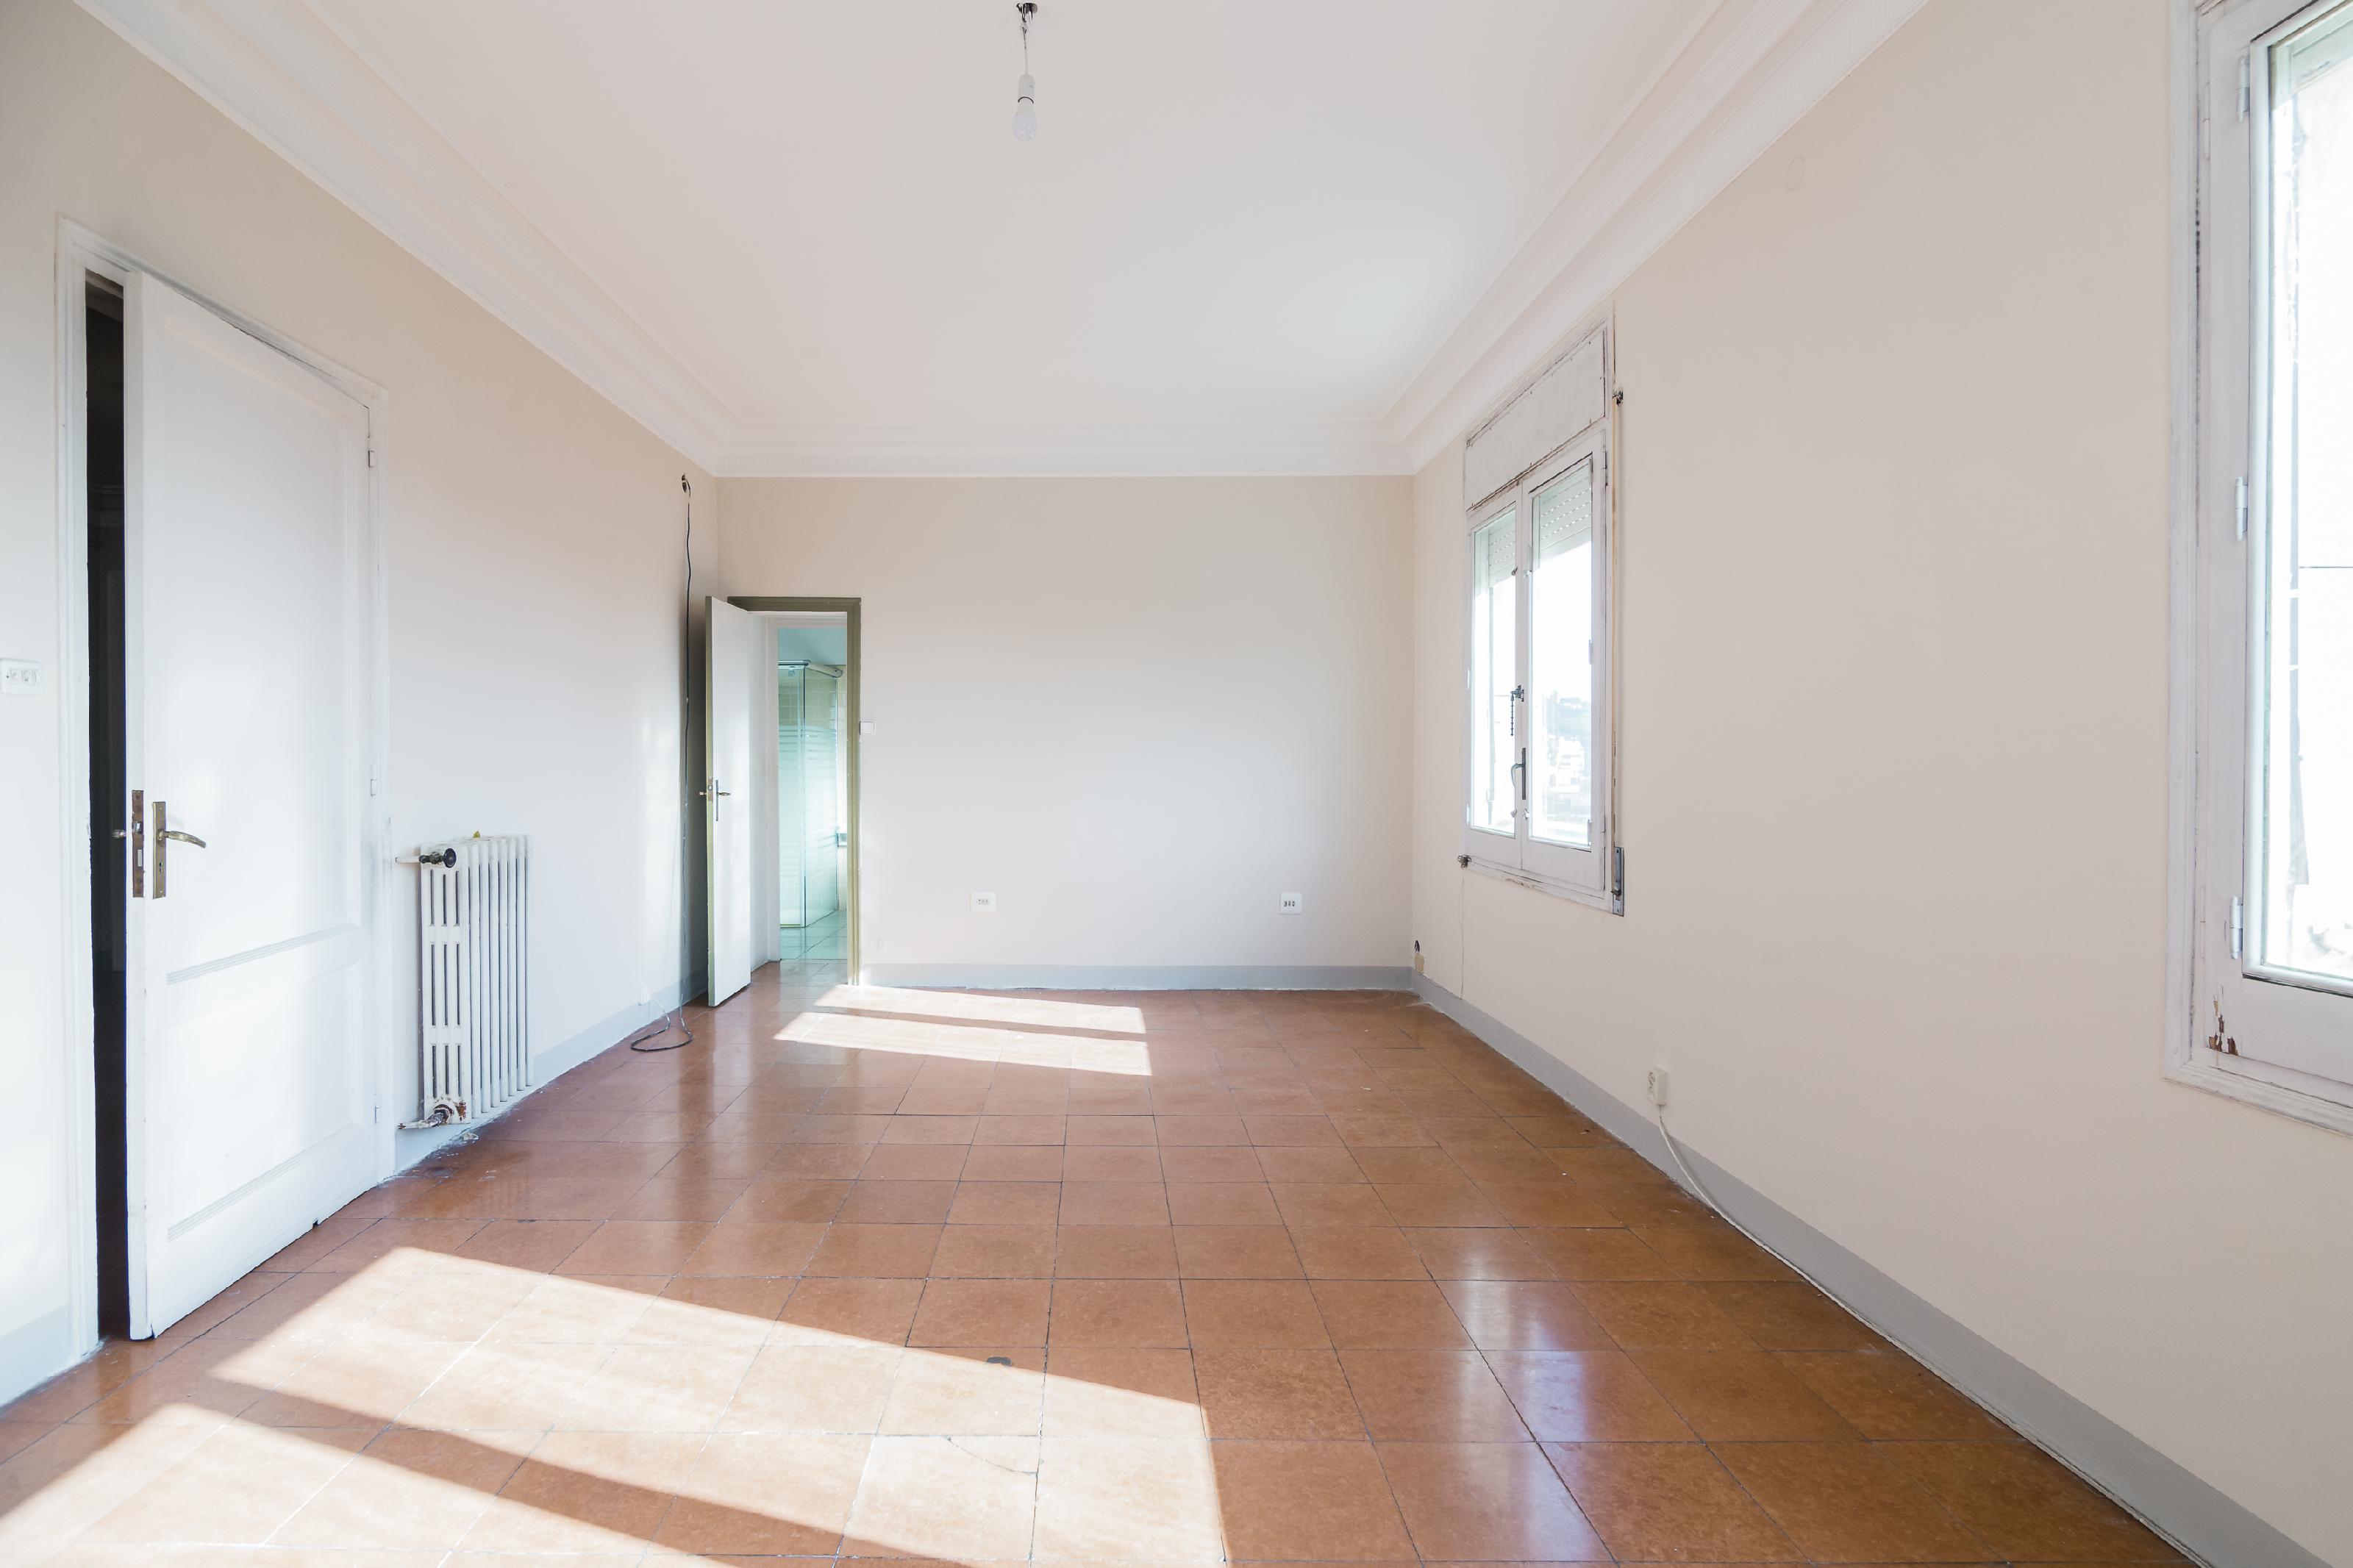 246643 Ático en venda en Sarrià-Sant Gervasi, St. Gervasi-Bonanova 29